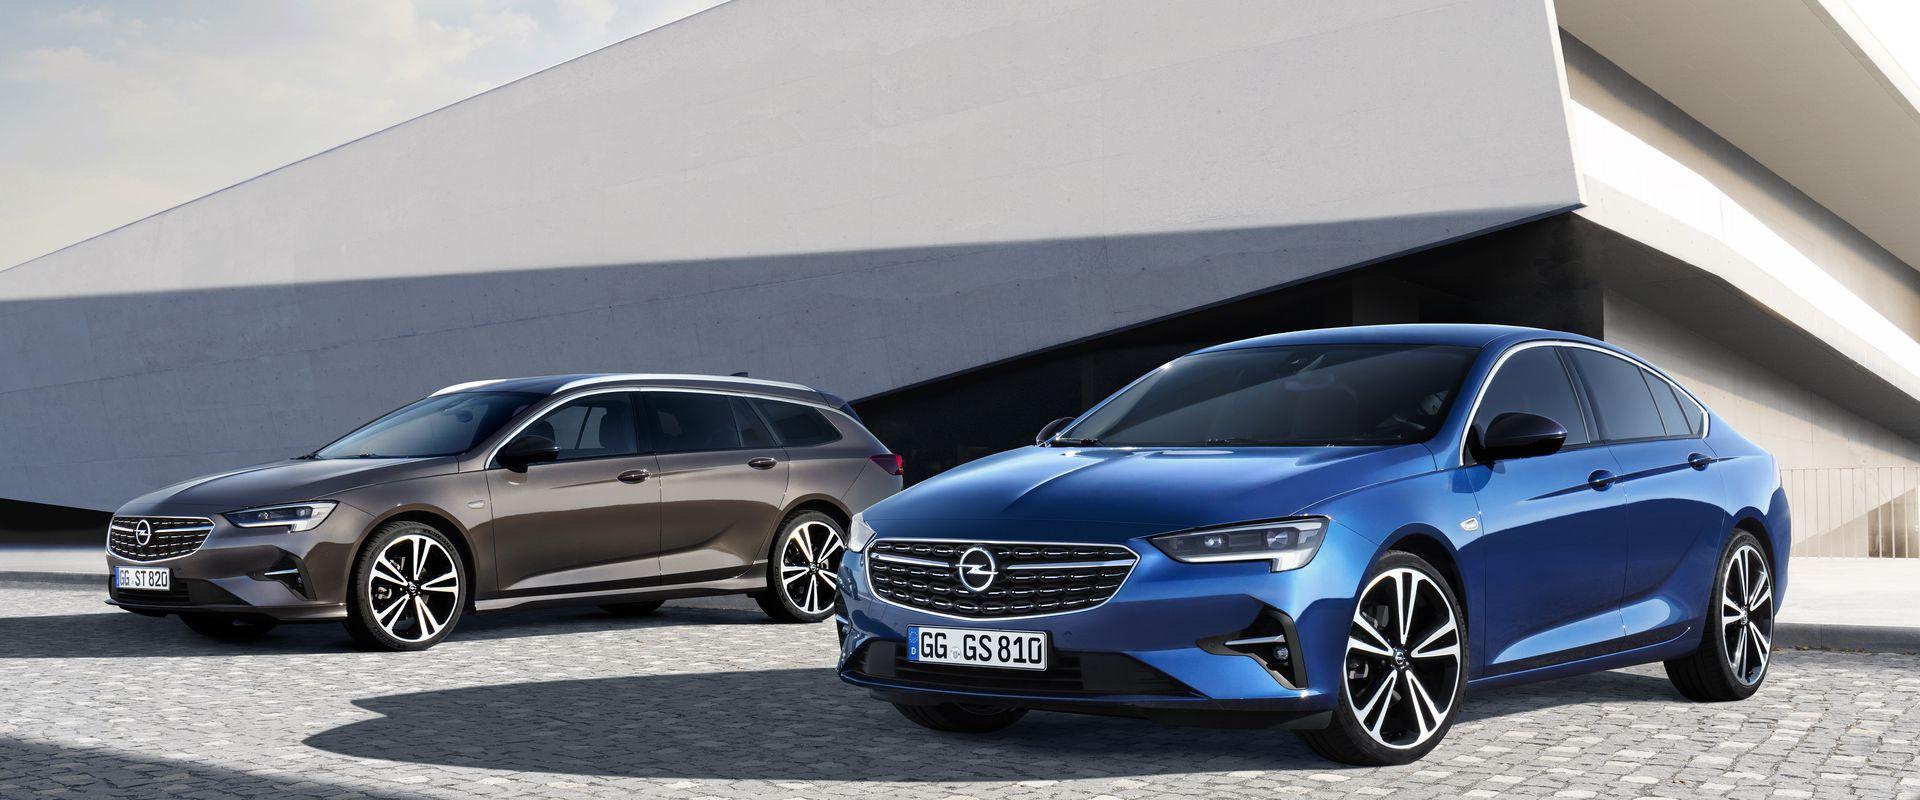 Opel Insignia új küllemmel és osztályelső világítással